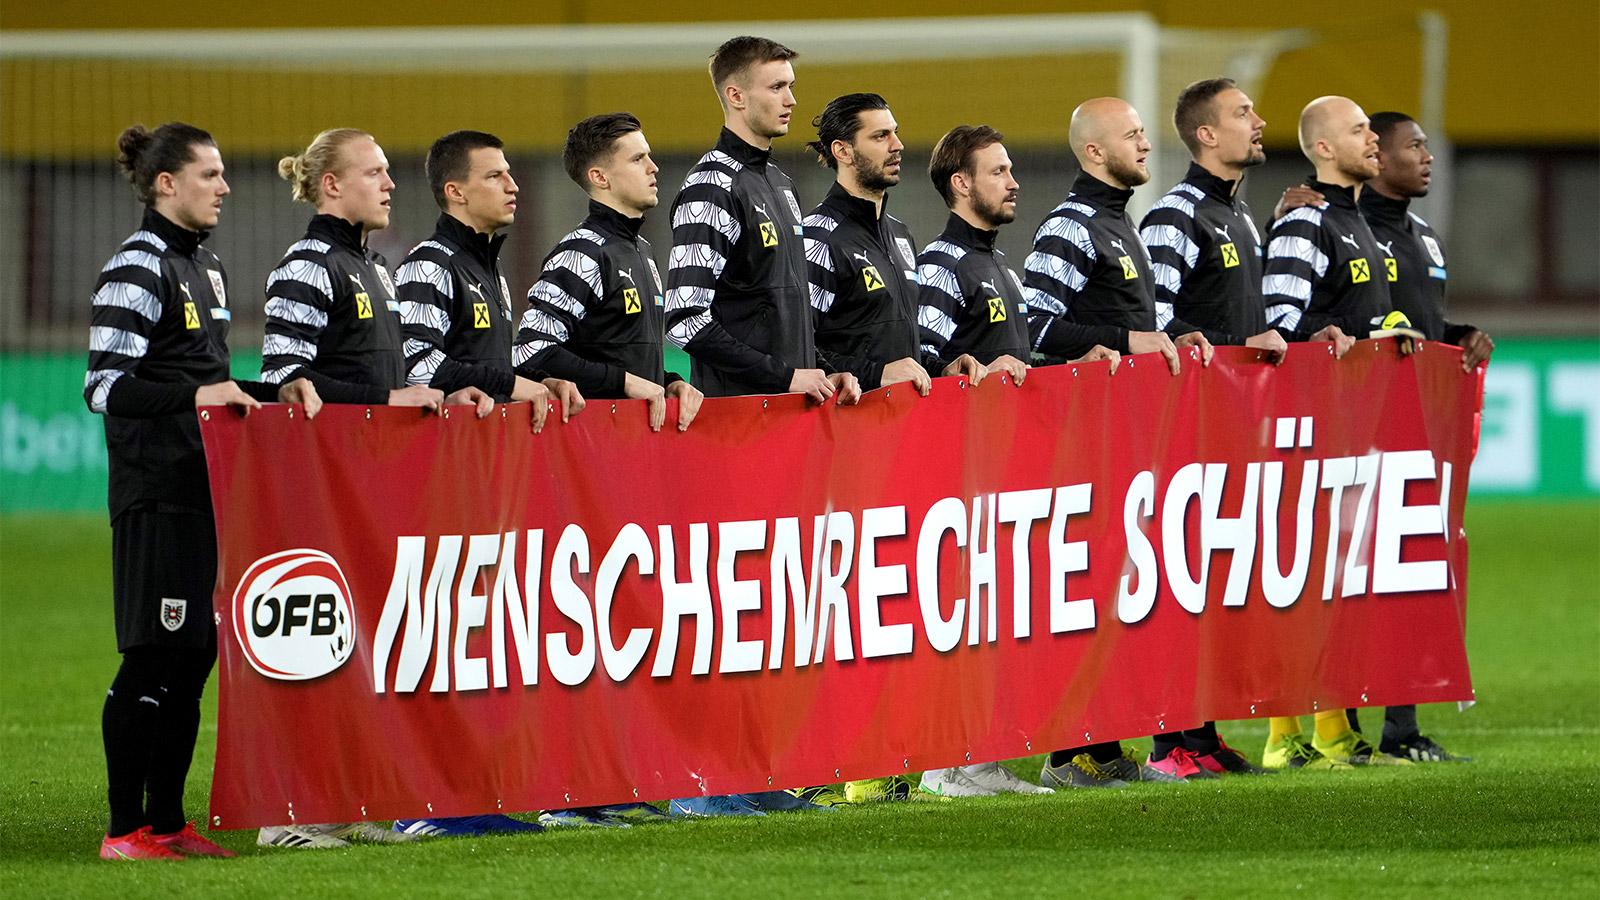 Verletzung-der-Menschenrechte-FIFA-boykottiert-zuk-nftig-Spiele-von-FB-Team